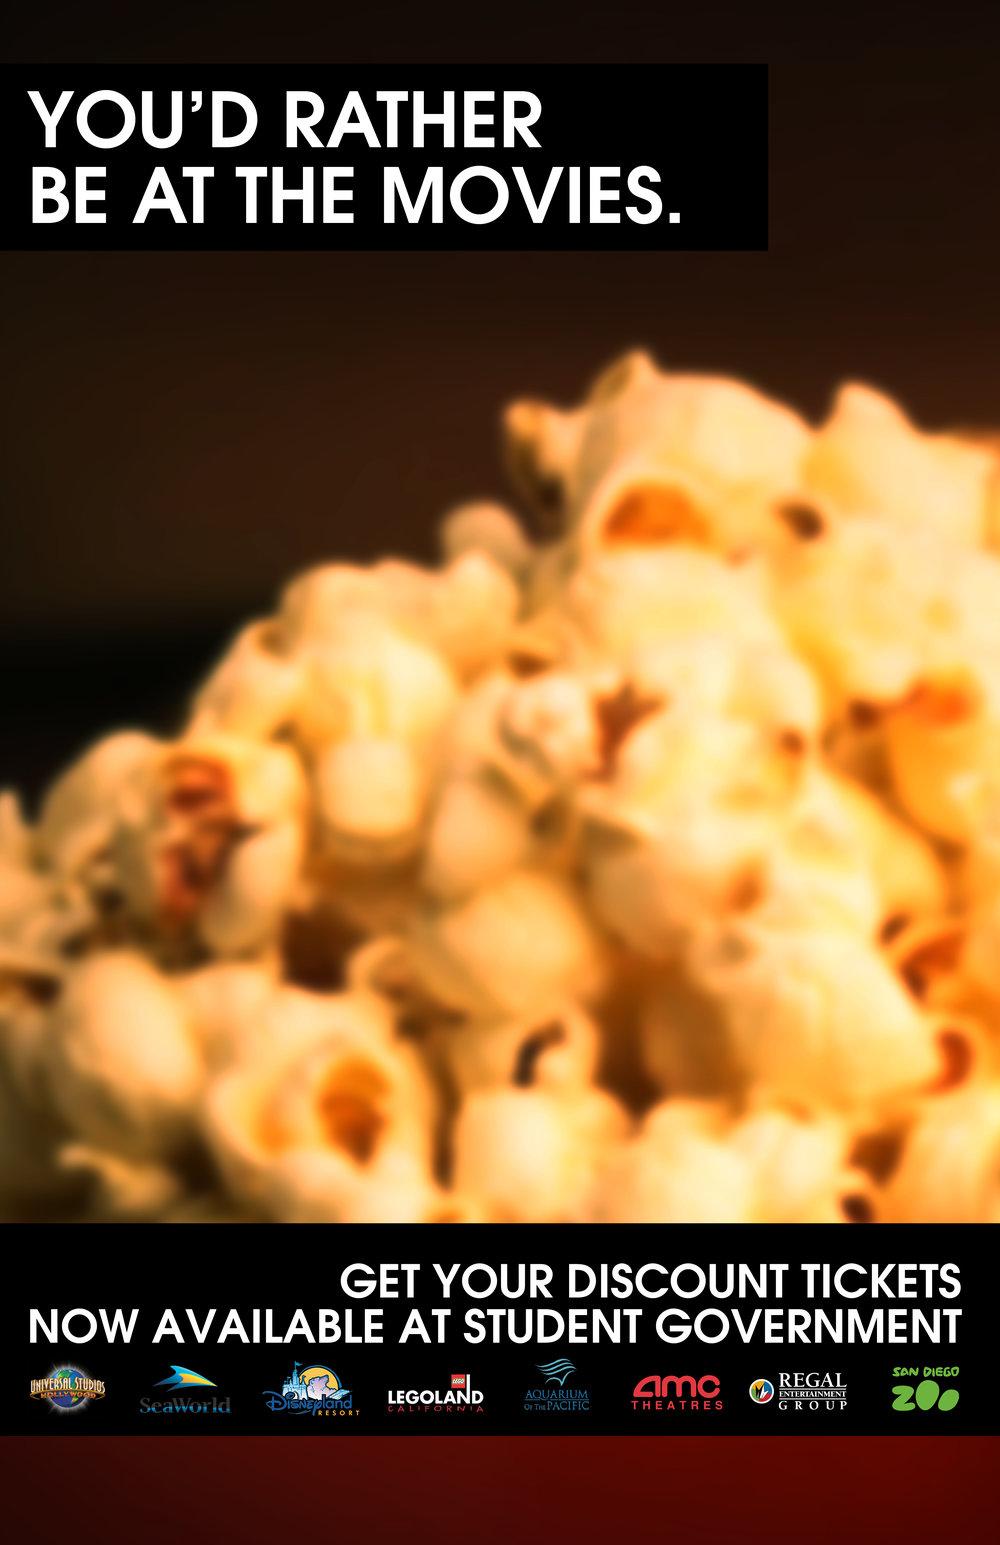 Movies_Tabloid.jpg